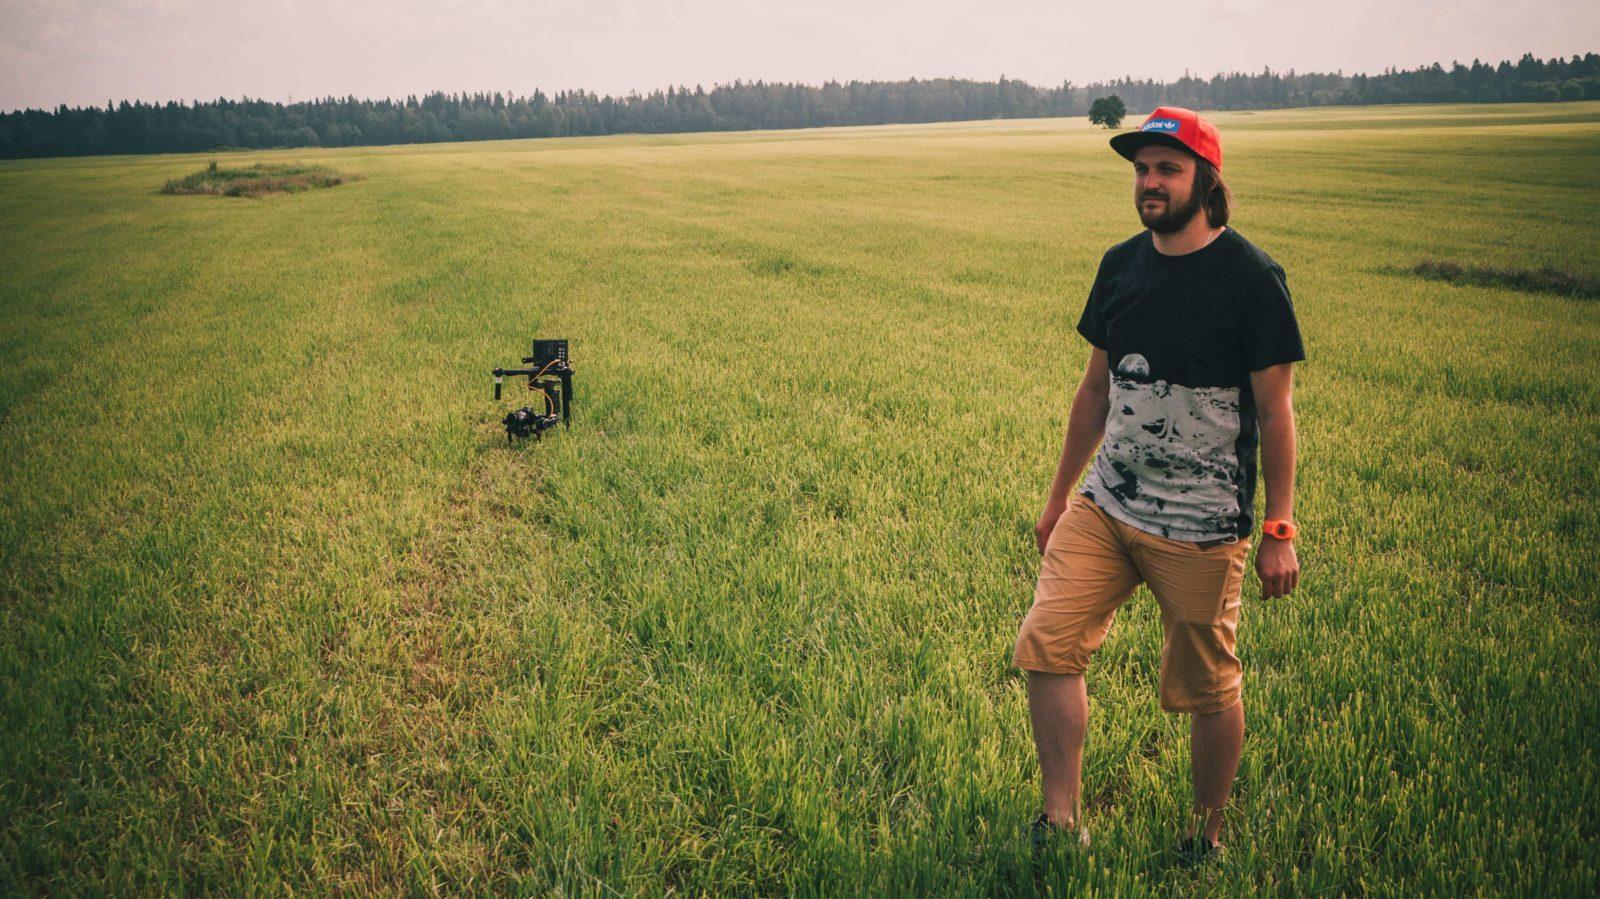 Оператор стоит в поле